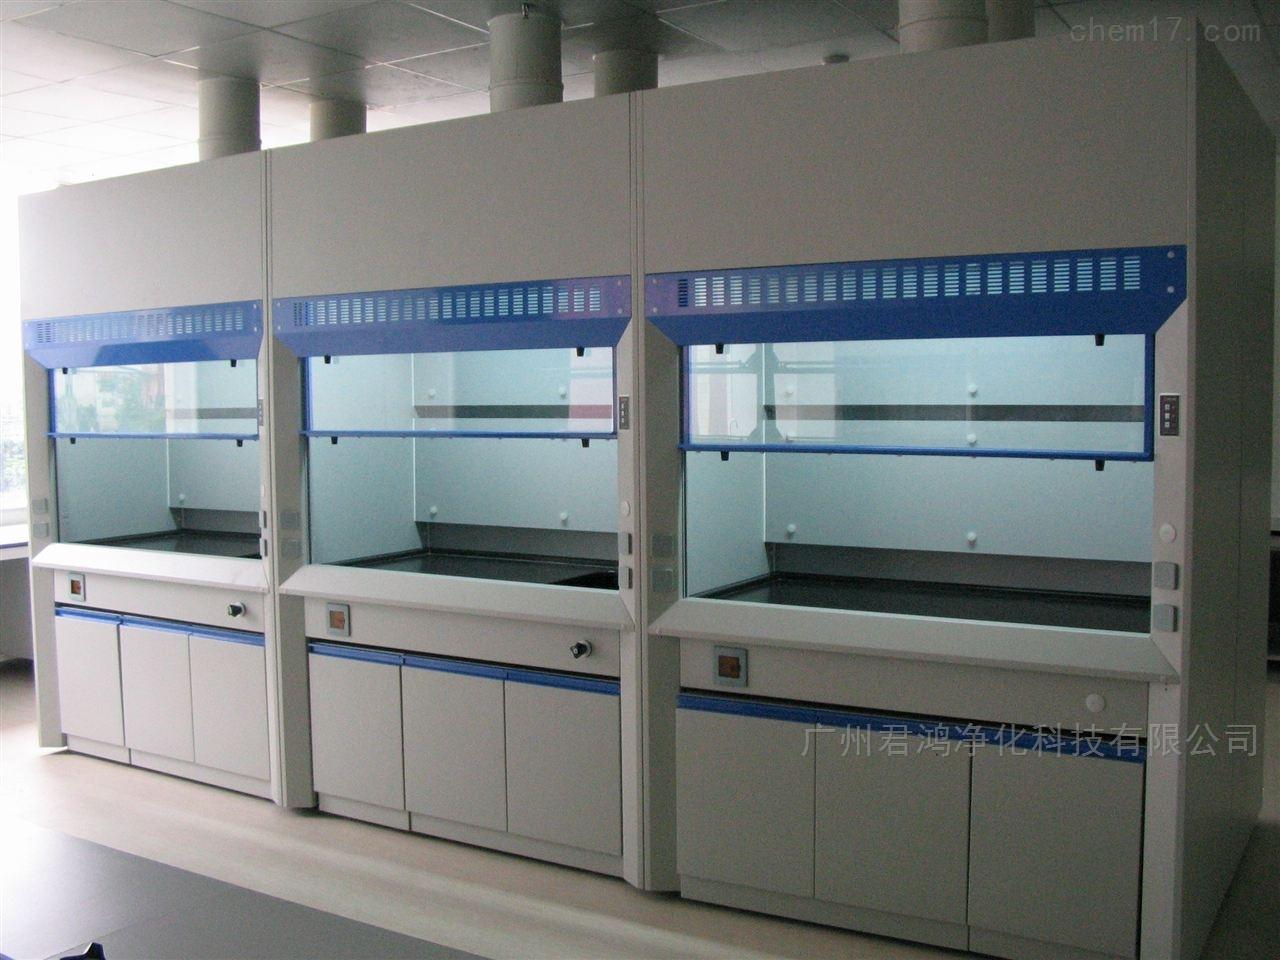 贵州实验通风柜 全钢结构款式